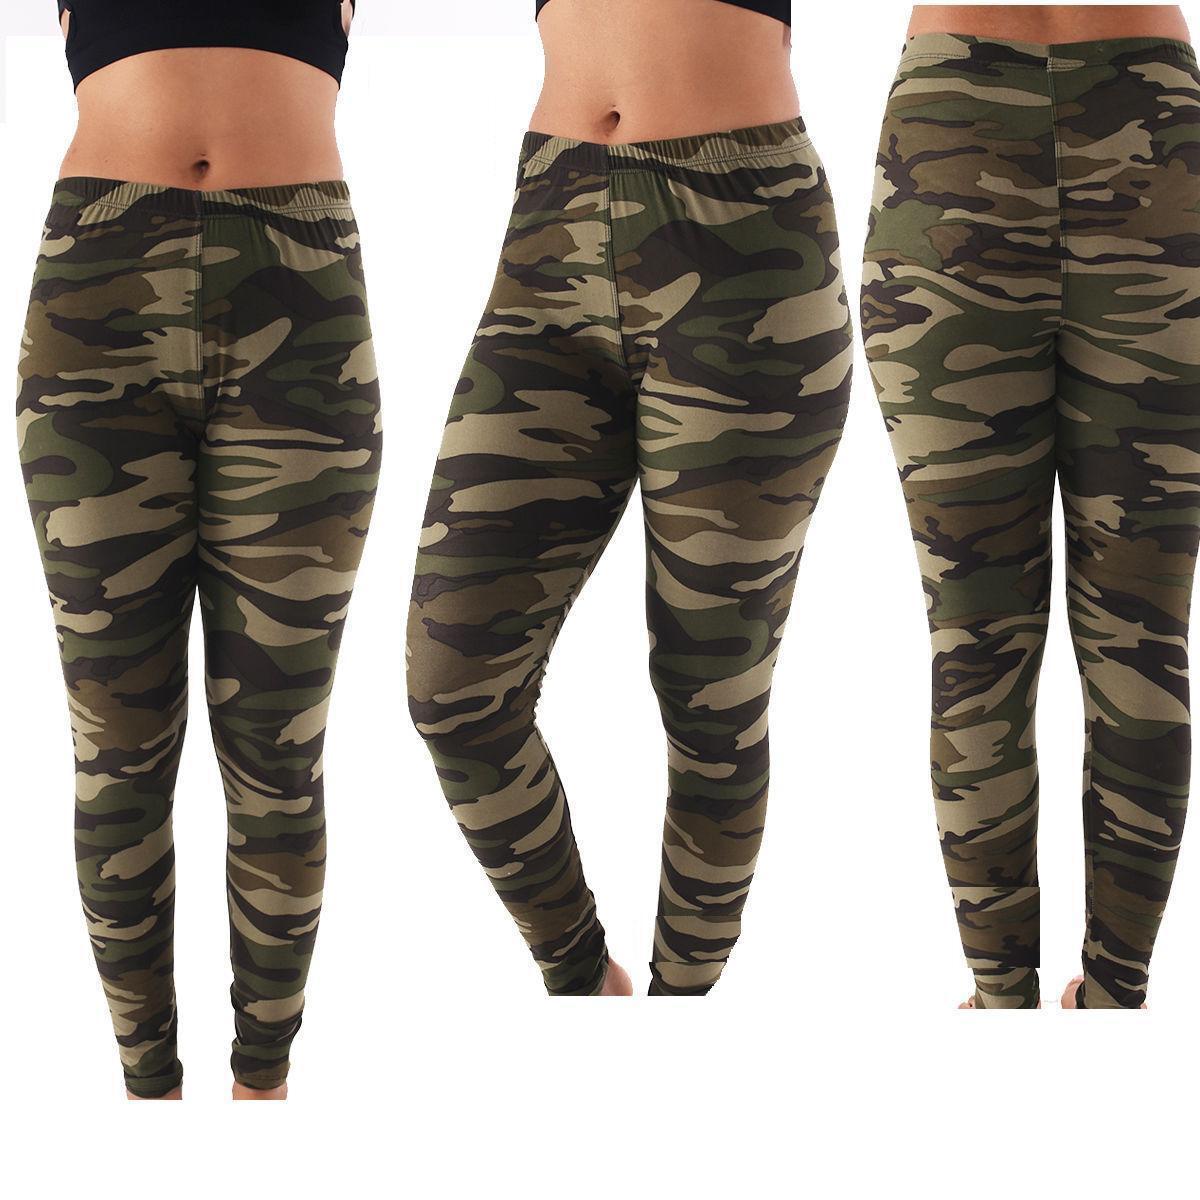 d40652a2c25da Women's PLUS SIZE Army Camo Camouflage Leggings Pants Spandex ONE ...